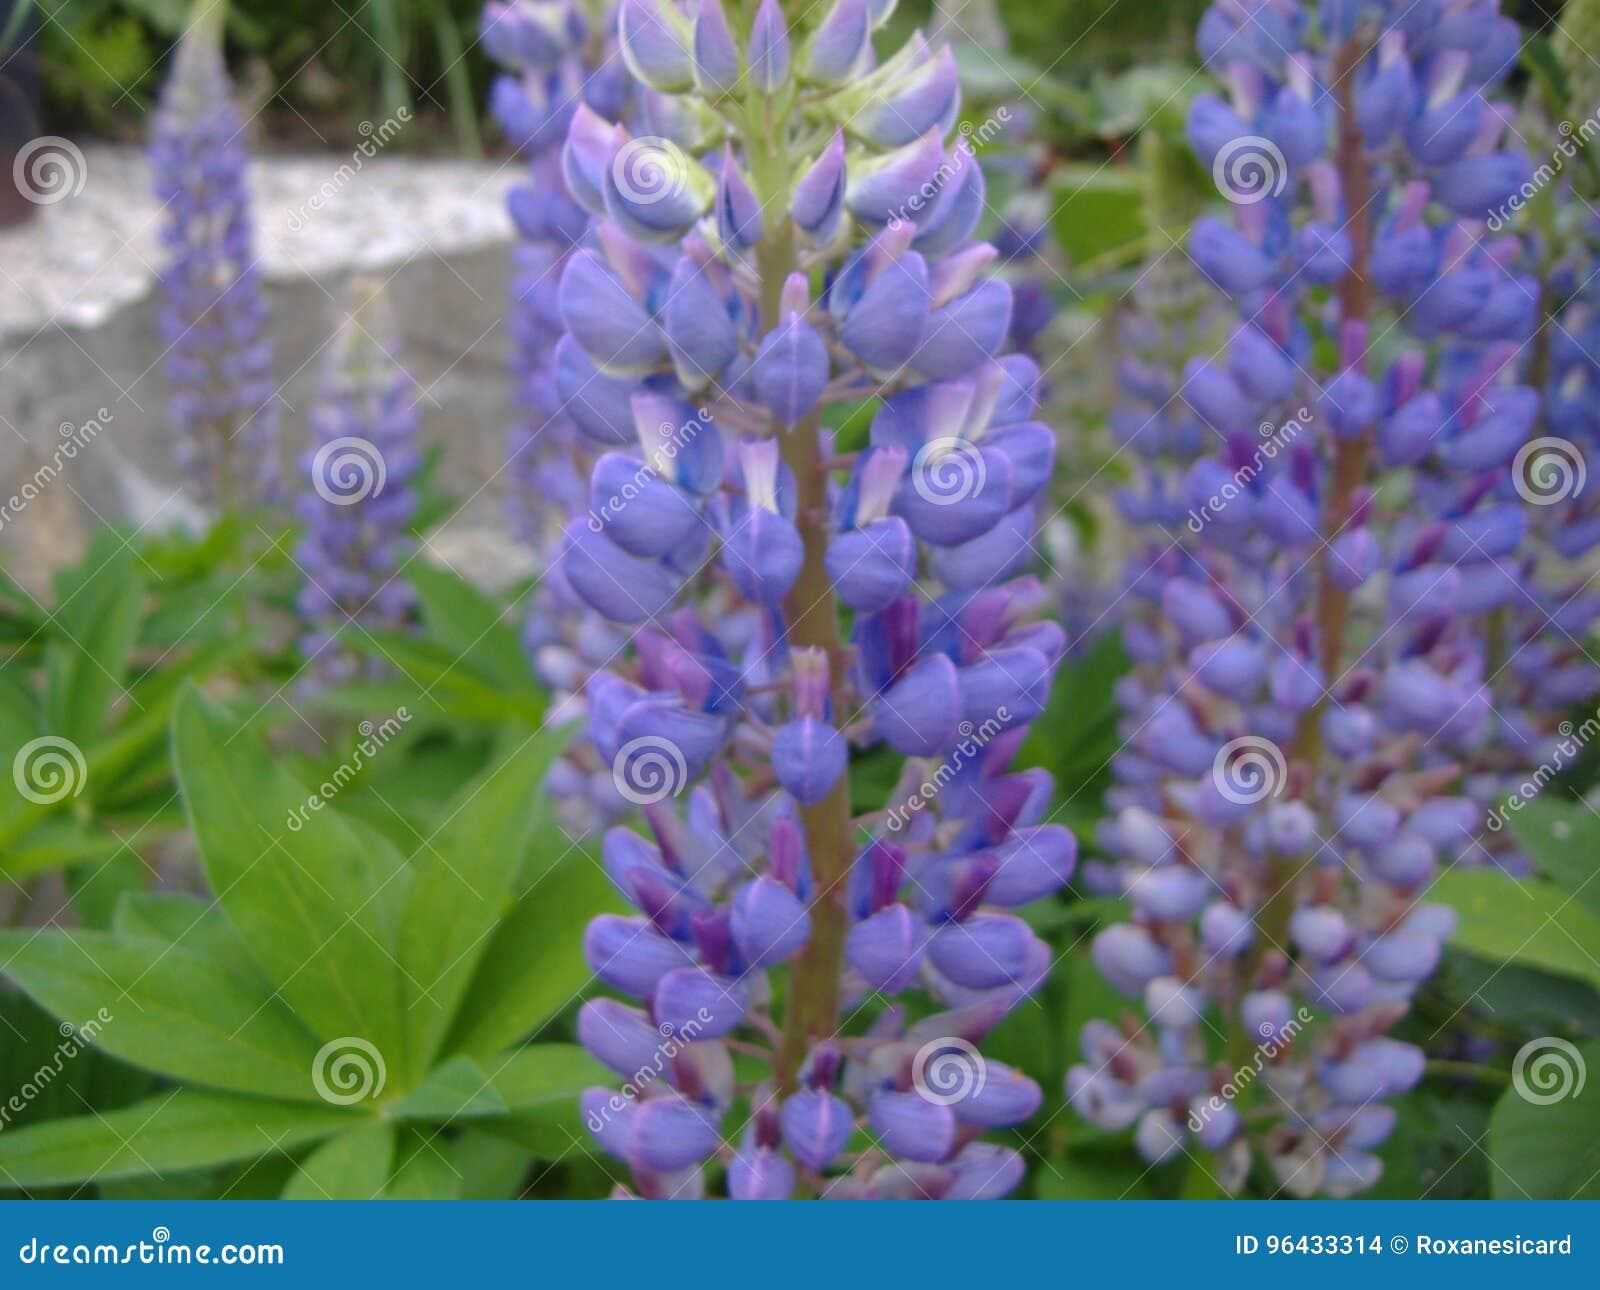 Fleur De Lupin Stock Photo Image Of Ete Violet Plan 96433314